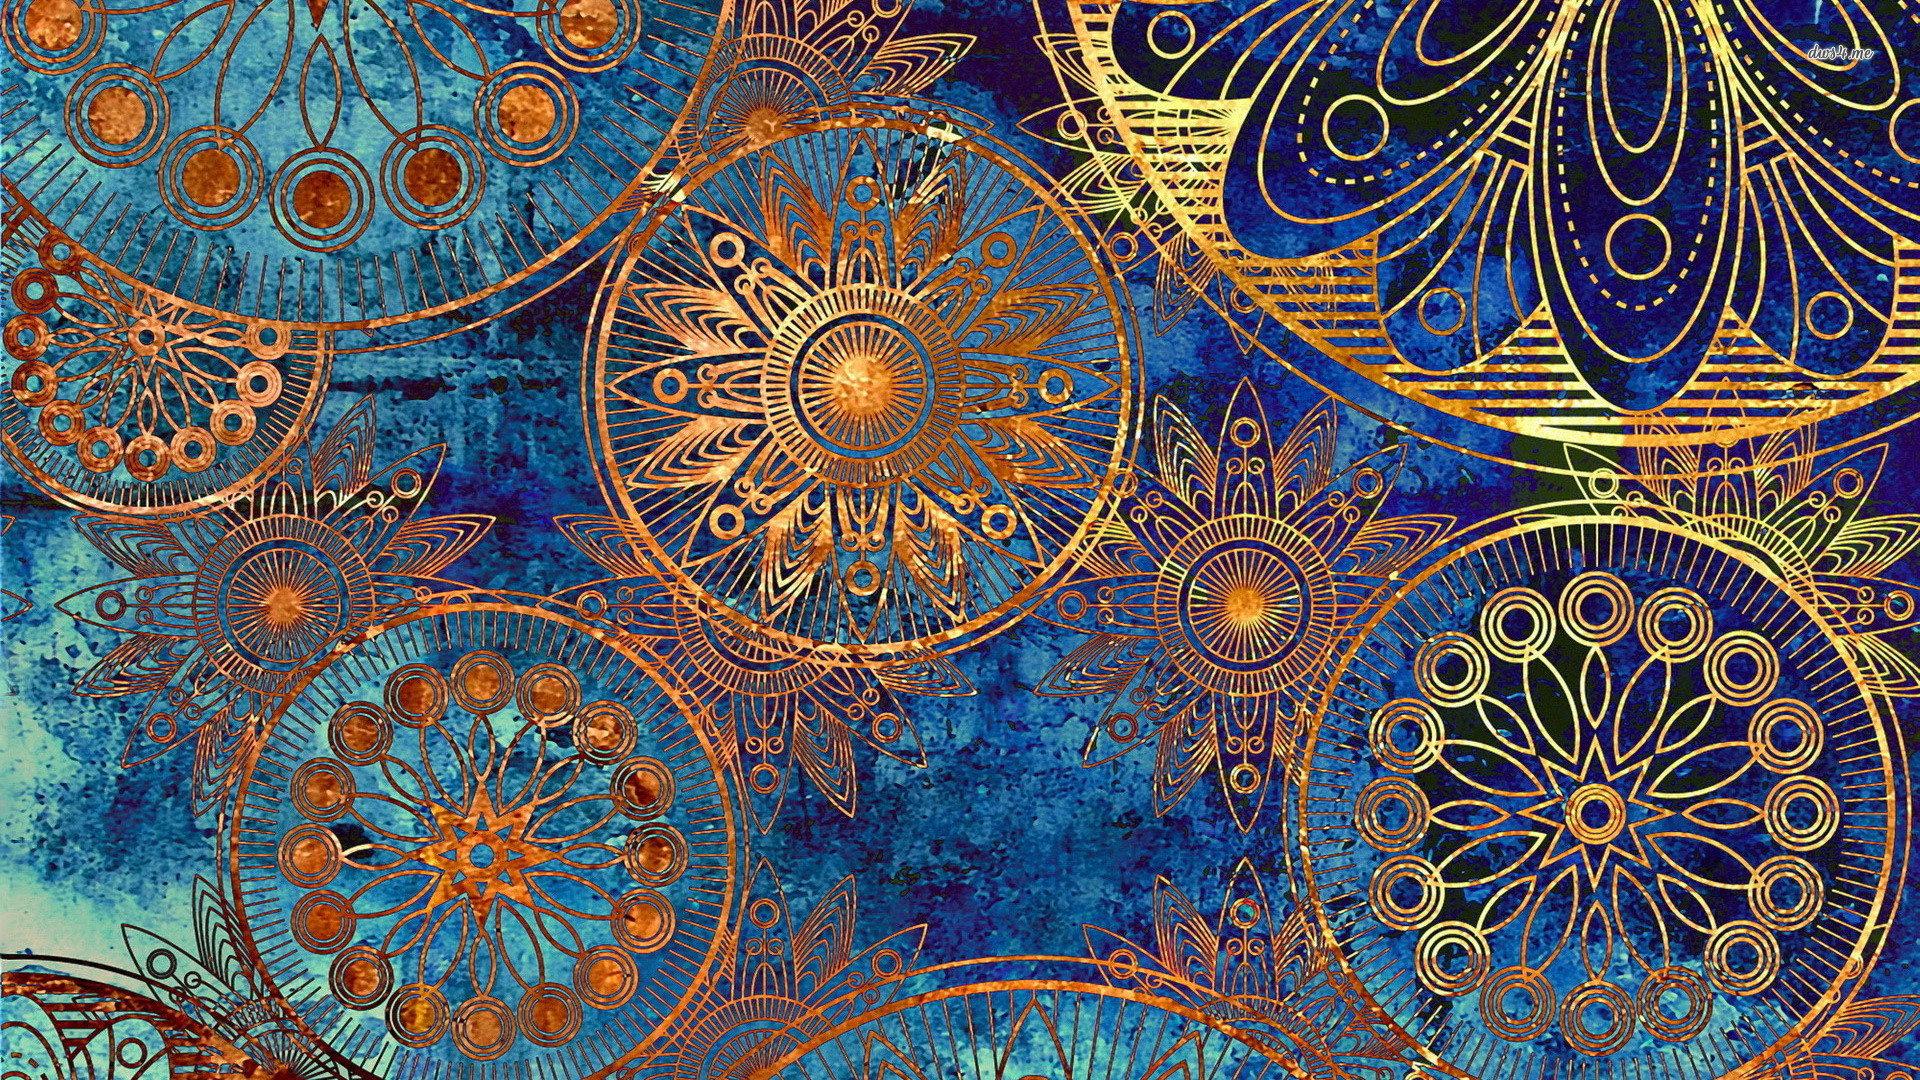 Boho Desktop Wallpaper - WallpaperSafari